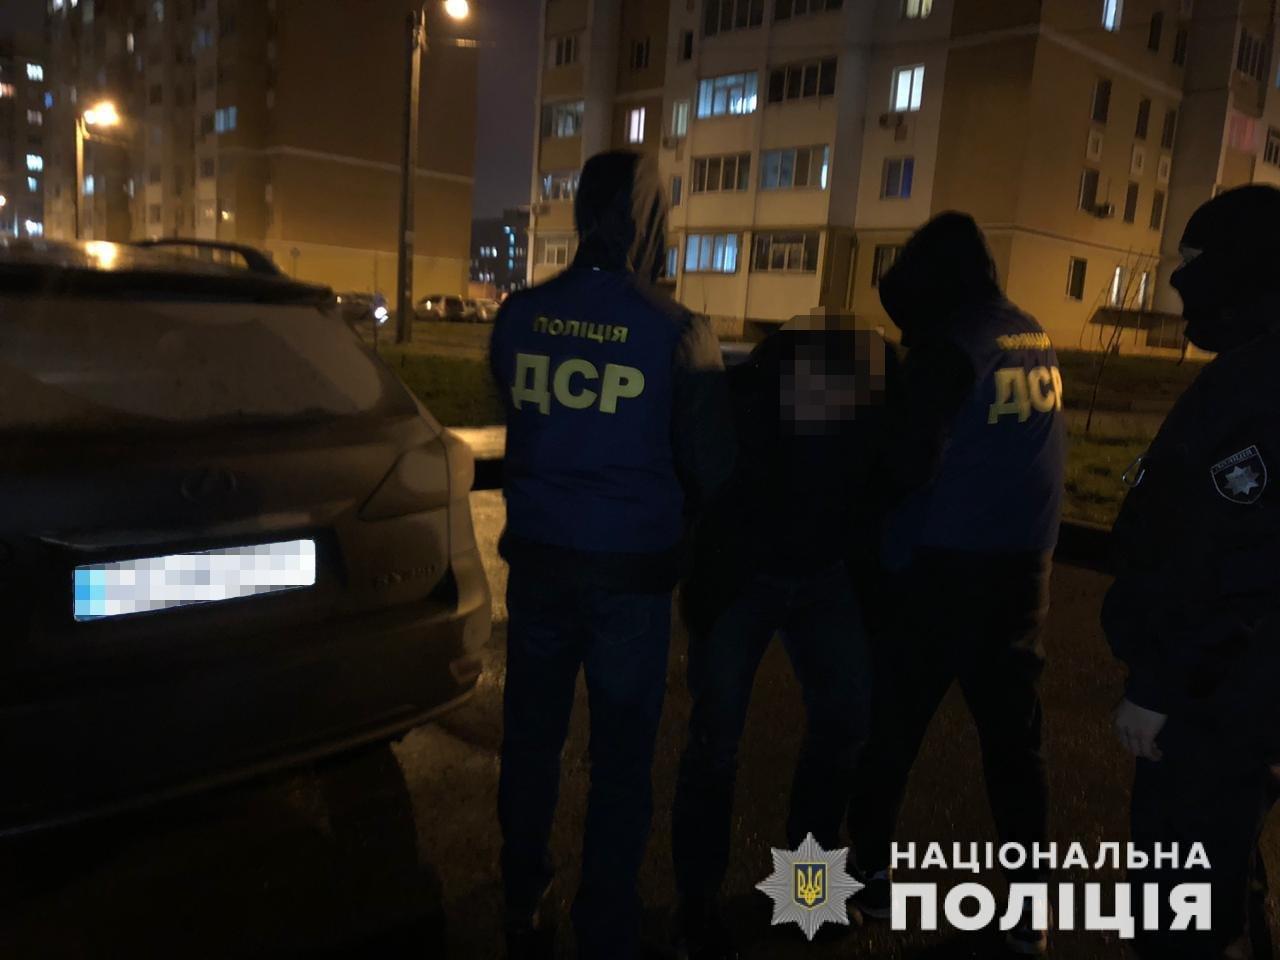 В Харькове полиция задержала группу похитителей элитных автомобилей, - ФОТО, фото-1